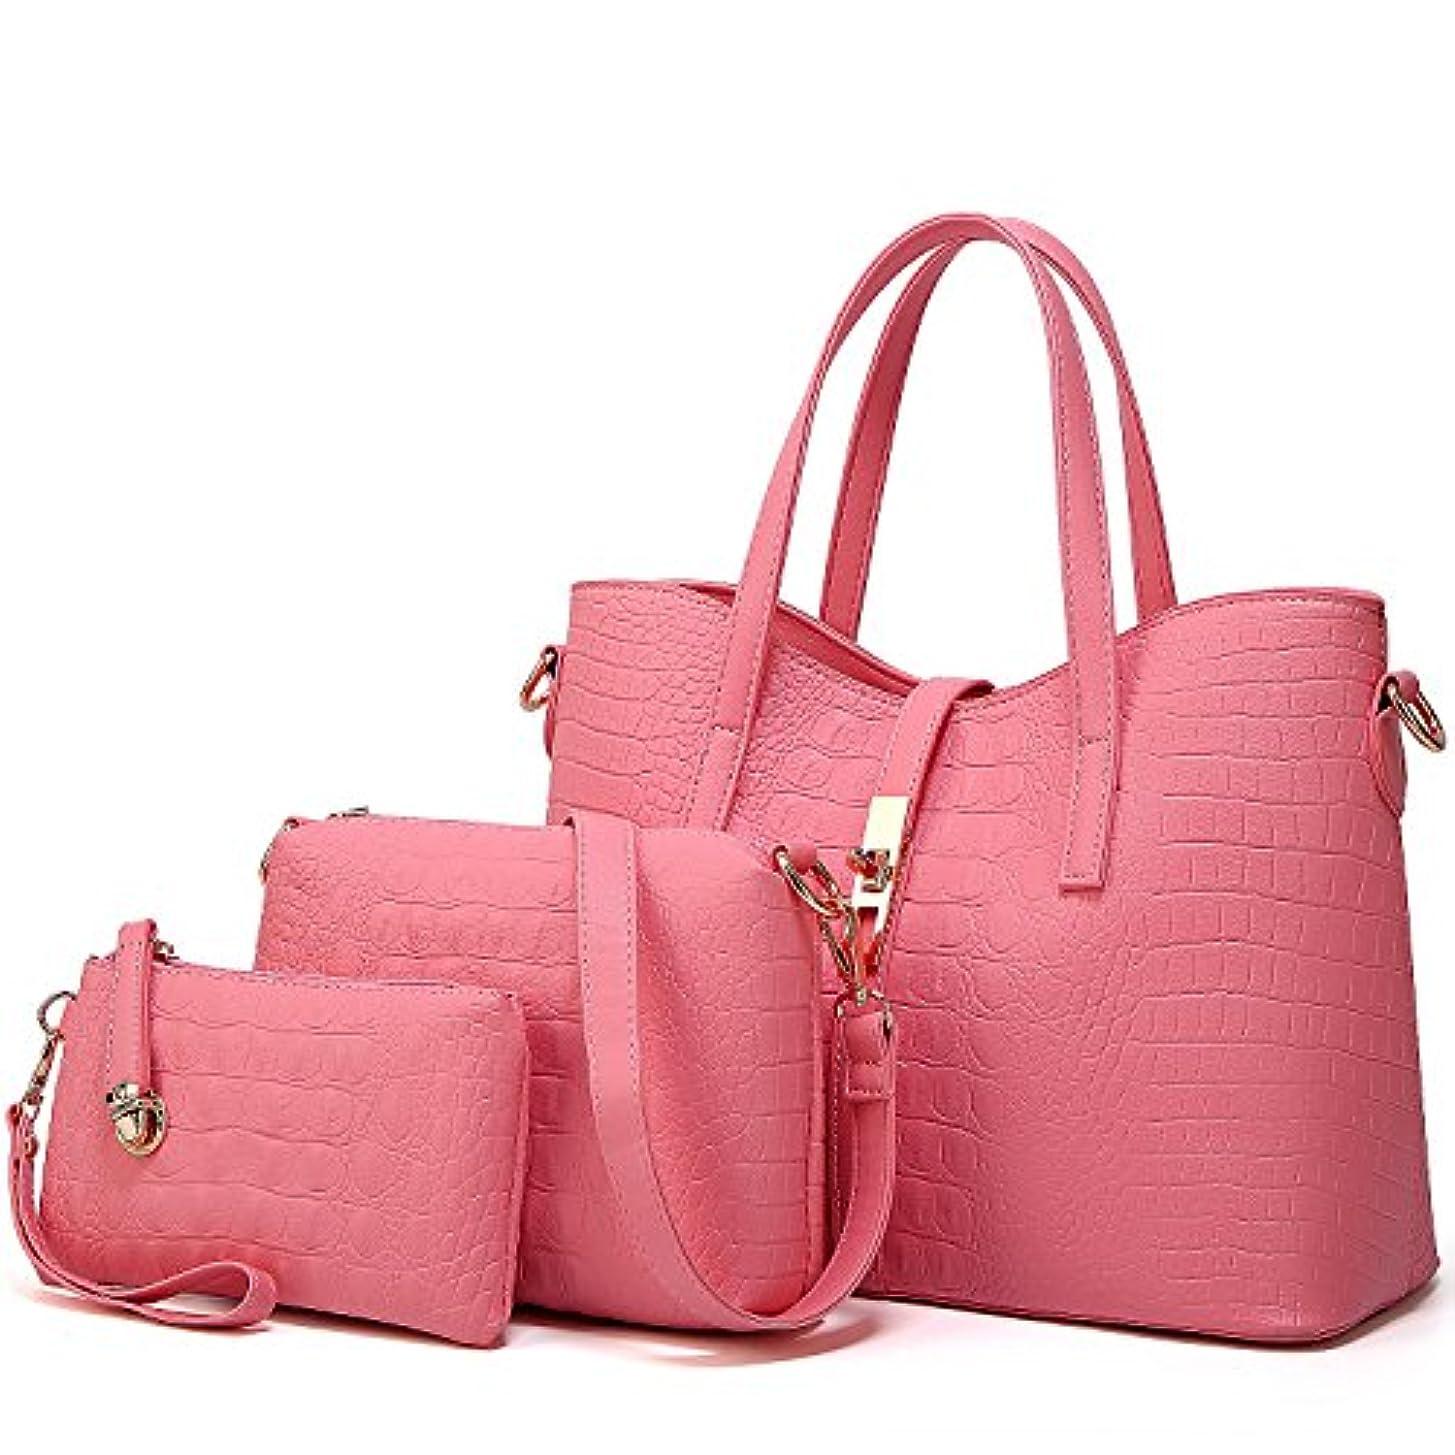 愛情深いにじみ出る気絶させる[TcIFE] ハンドバッグ レディース トートバッグ 大容量 無地 ショルダーバッグ 2way 財布とハンドバッグ